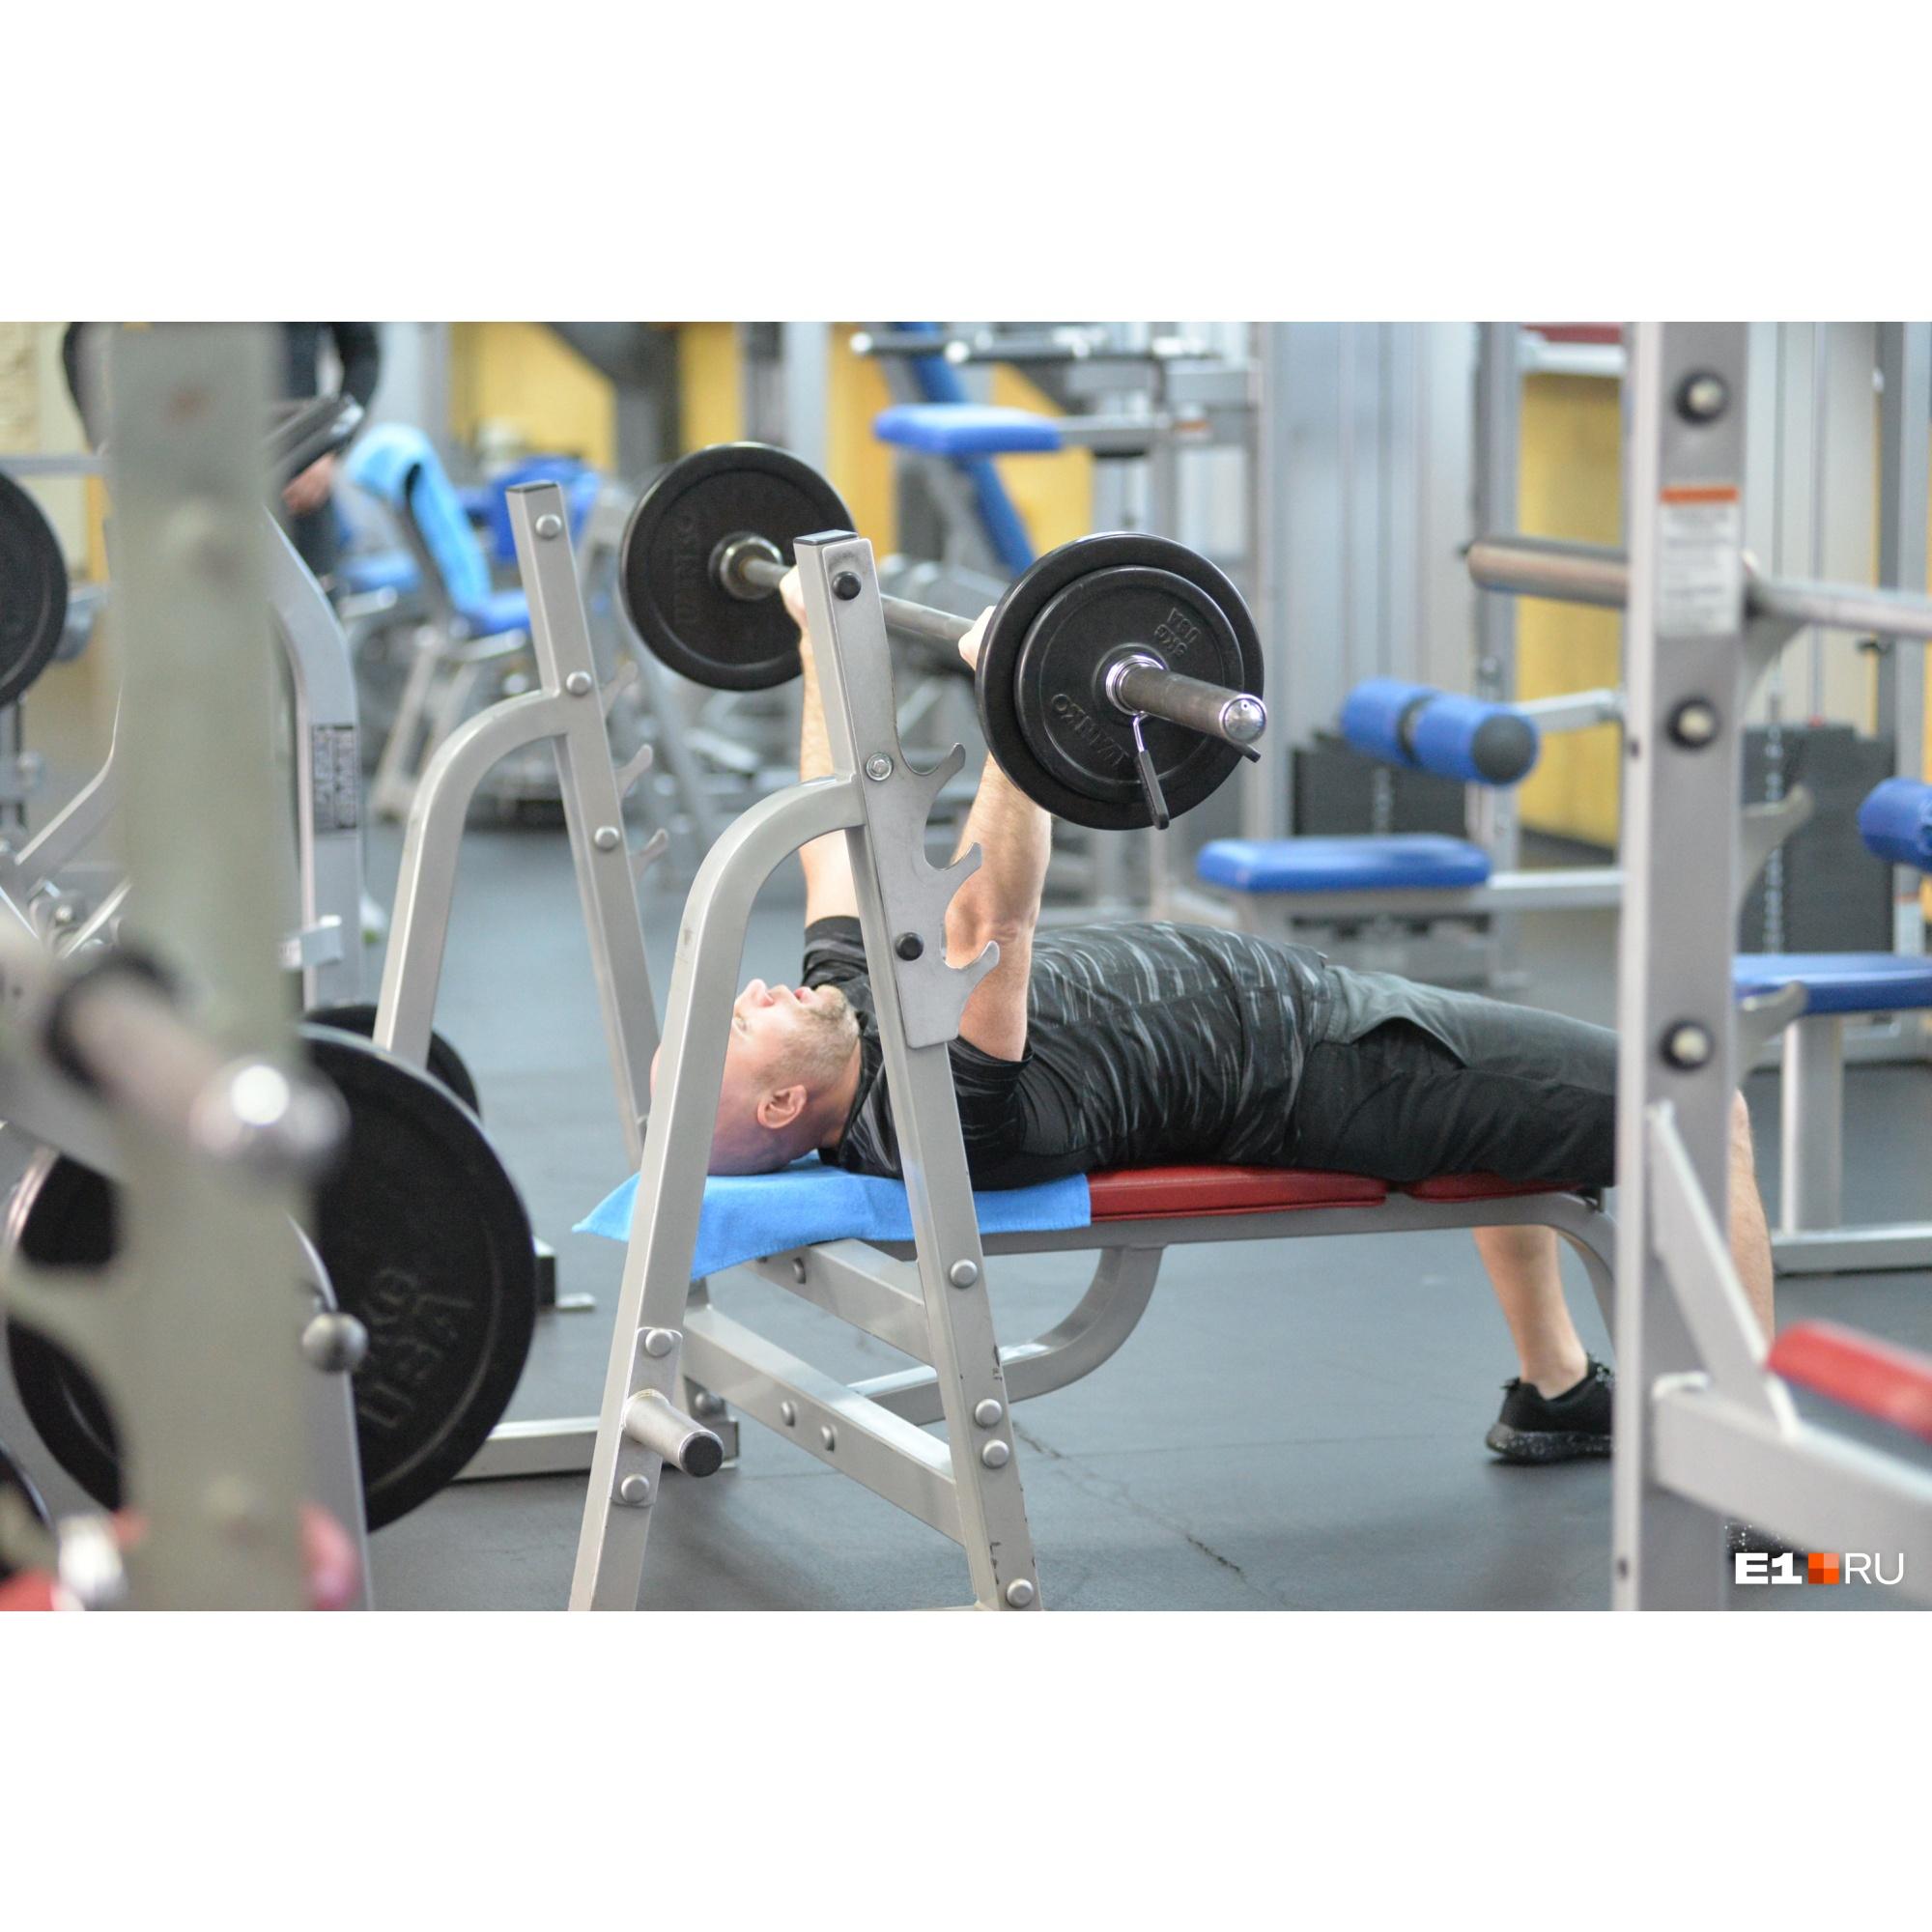 Хорошее оборудование и тренеры, готовые помочь, — залог хорошего фитнес-клуба